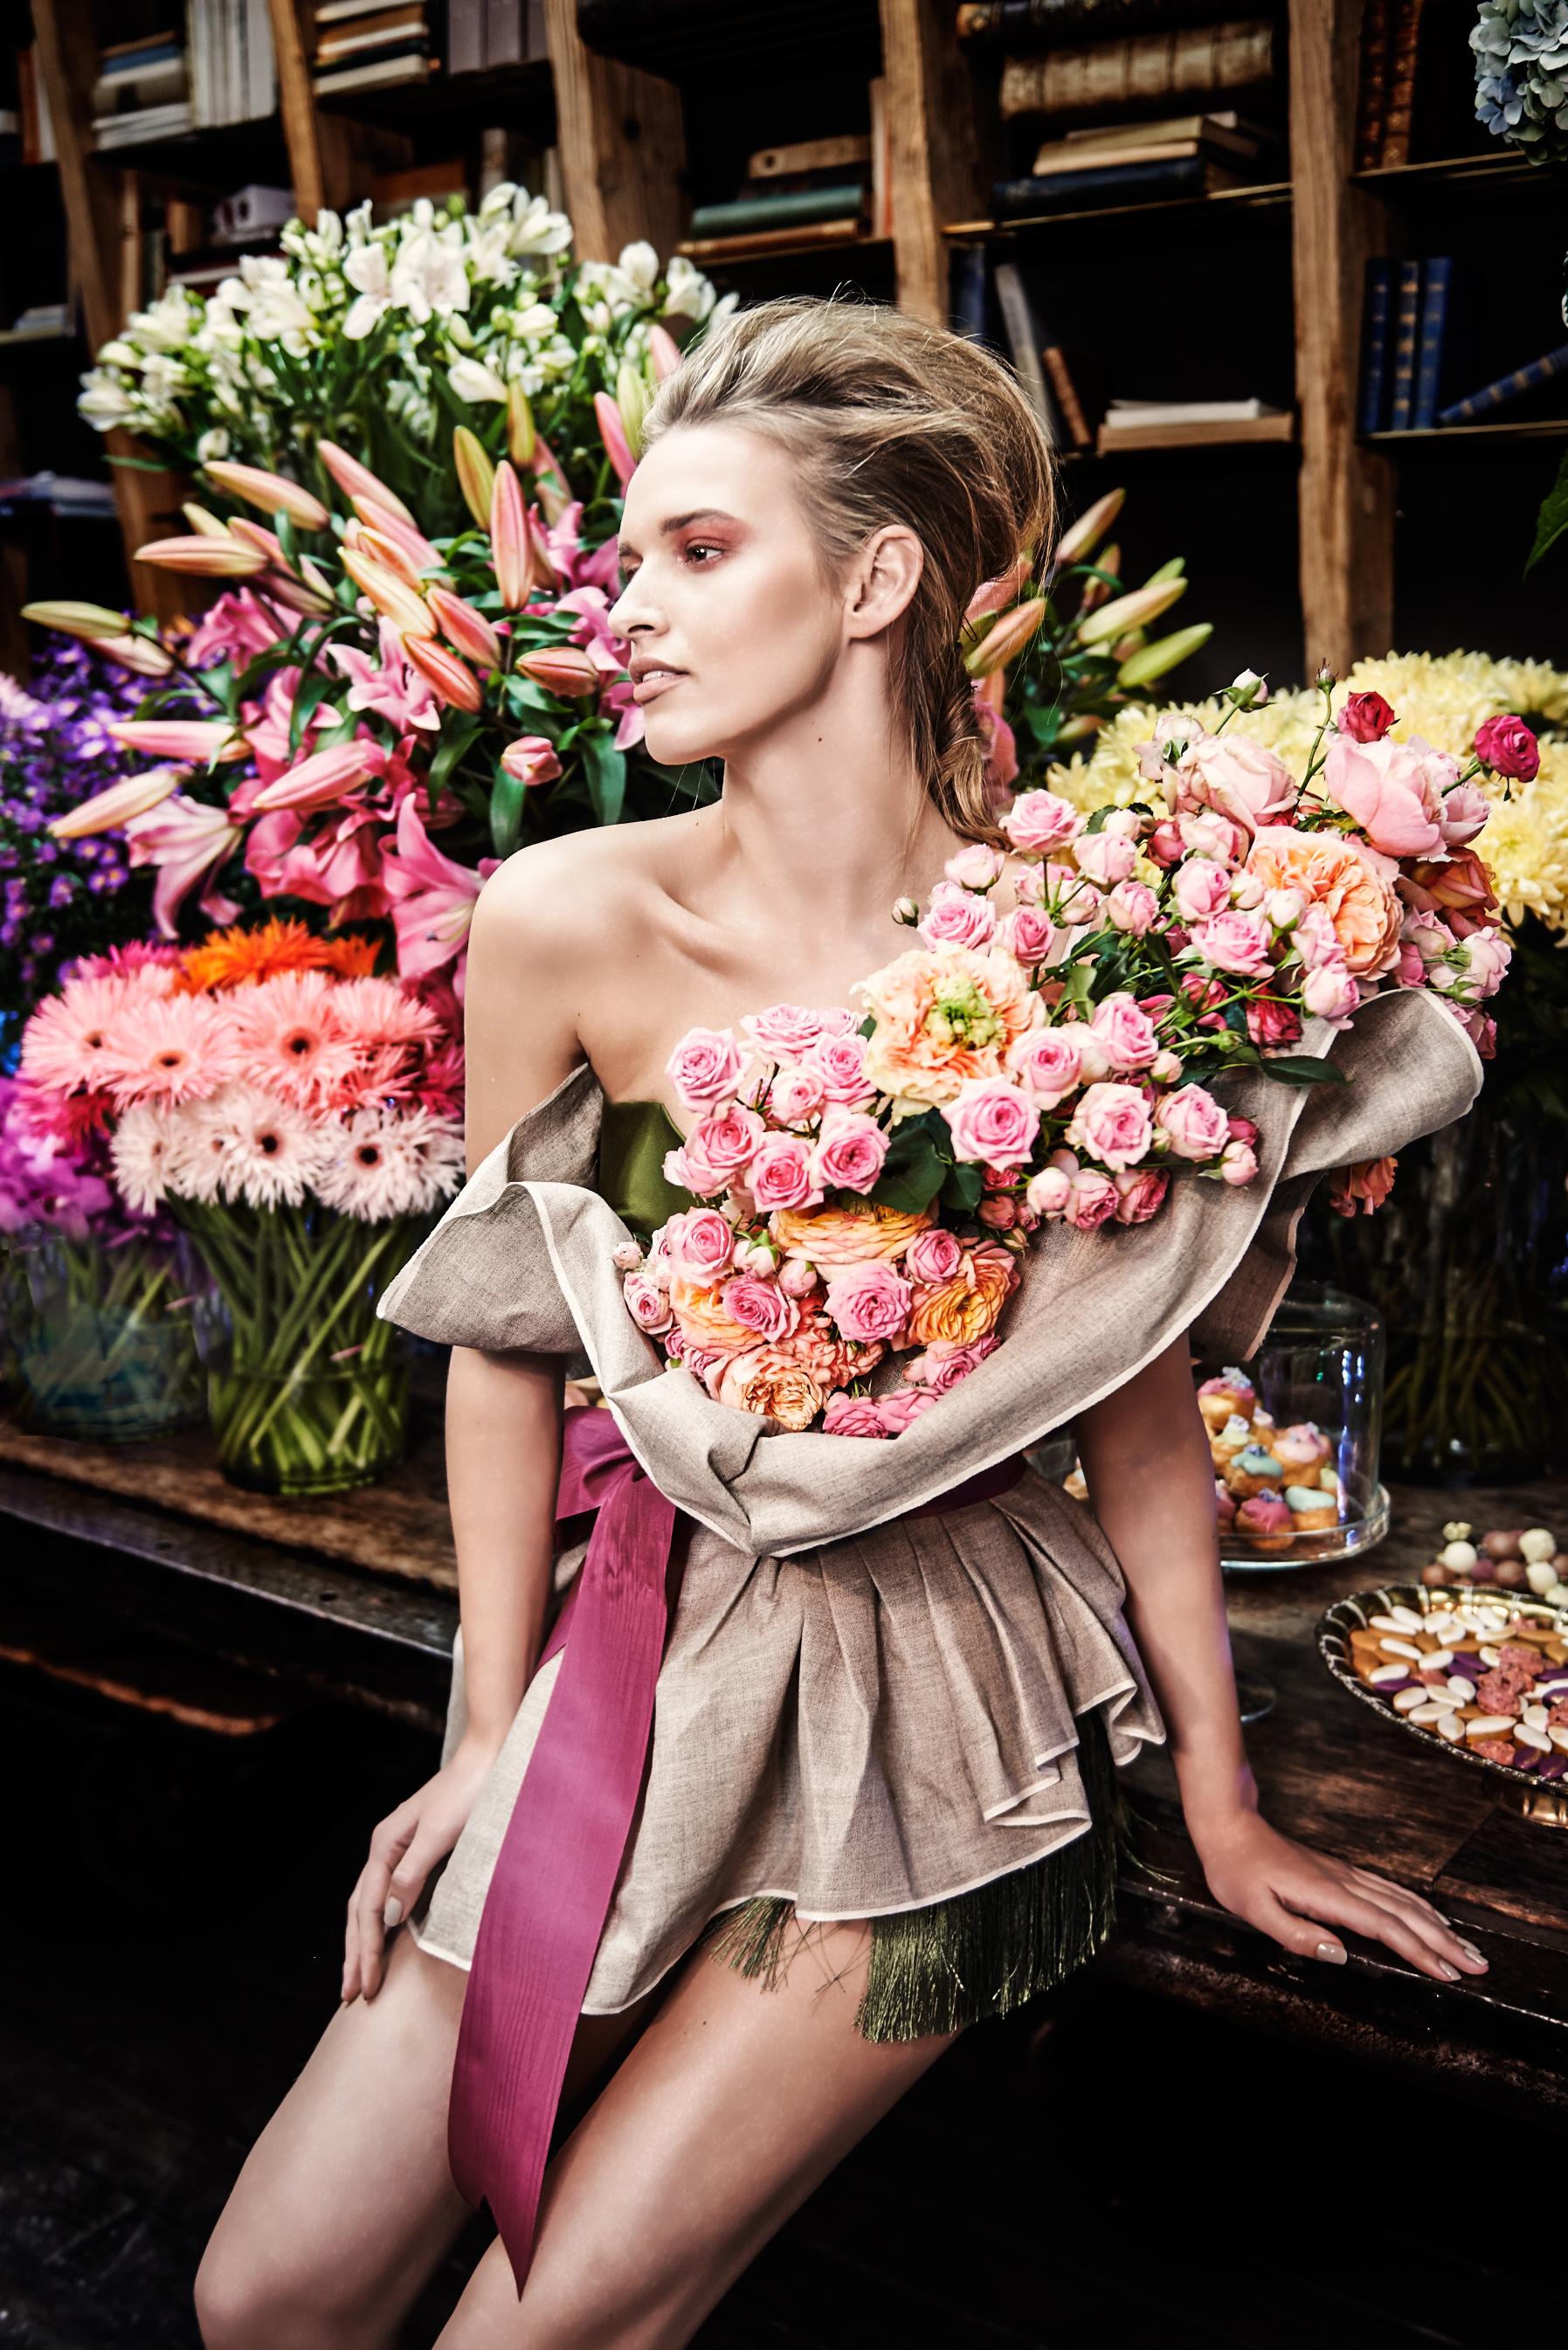 Bloemen meisje 1.jpg